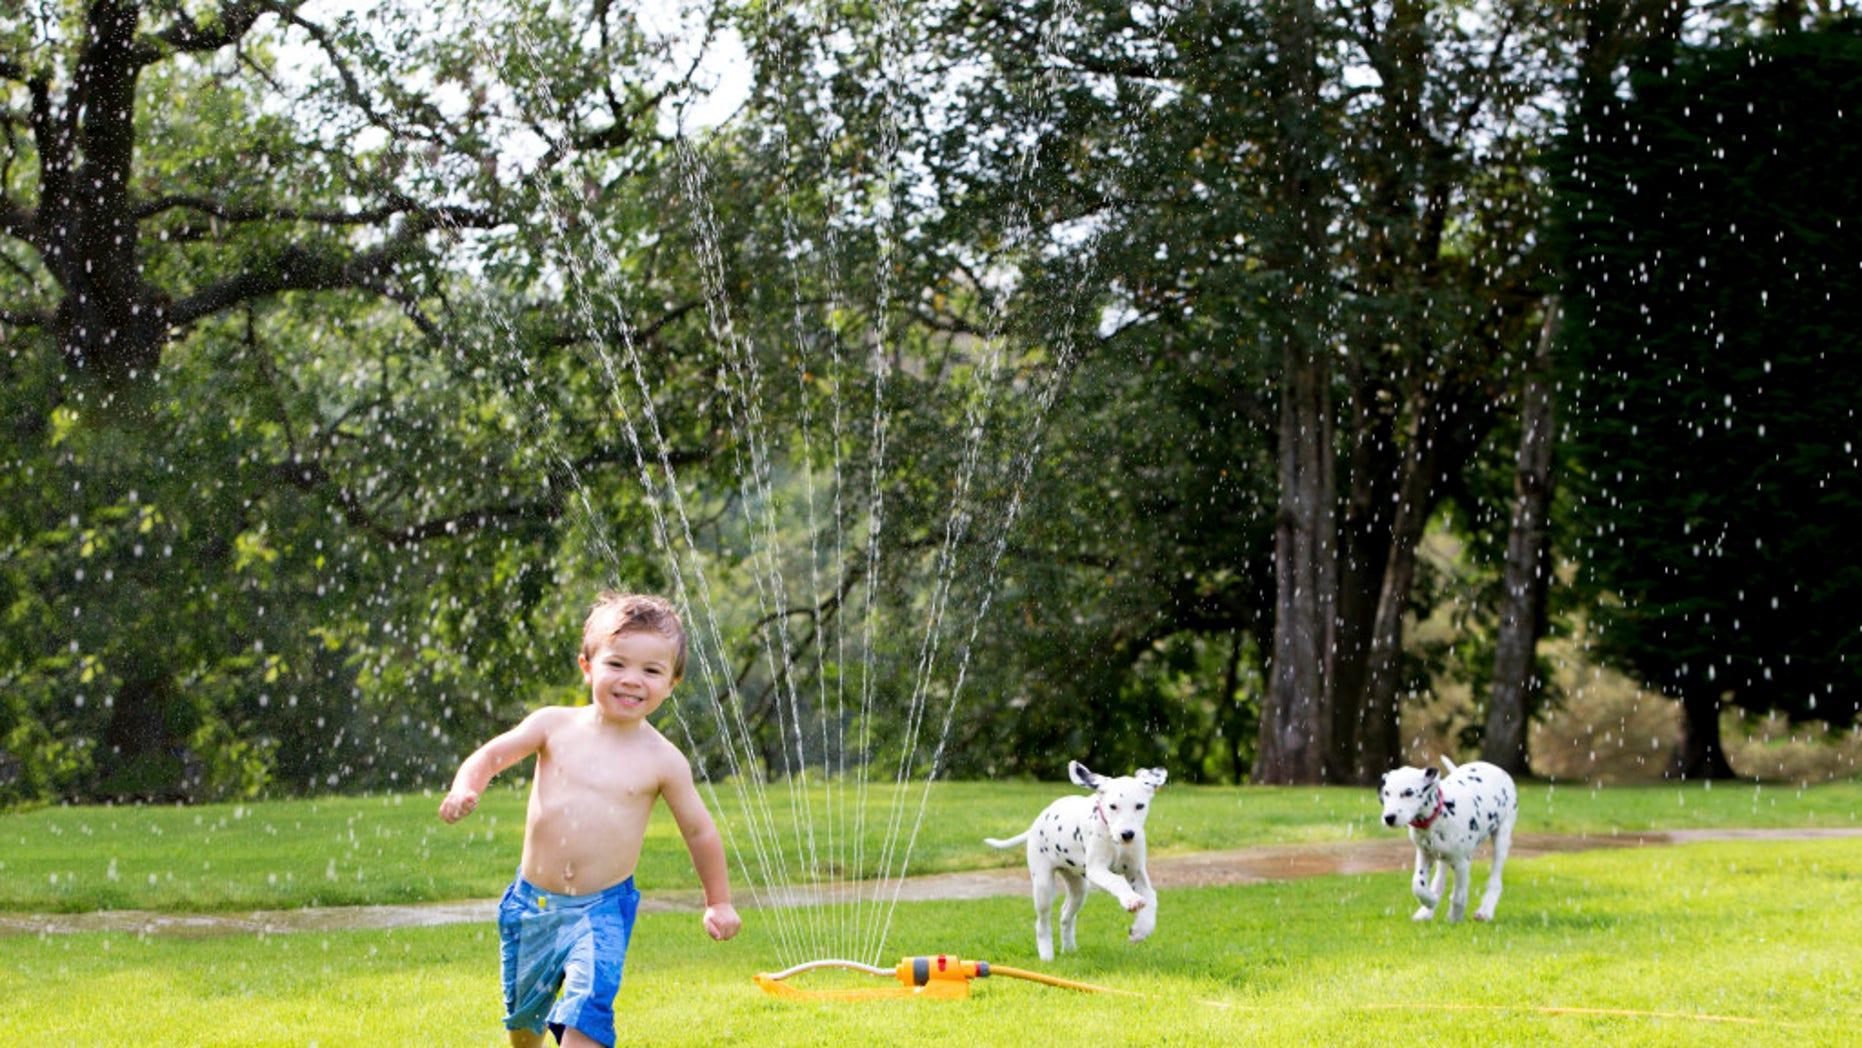 A toddler boy runs across the lawn.